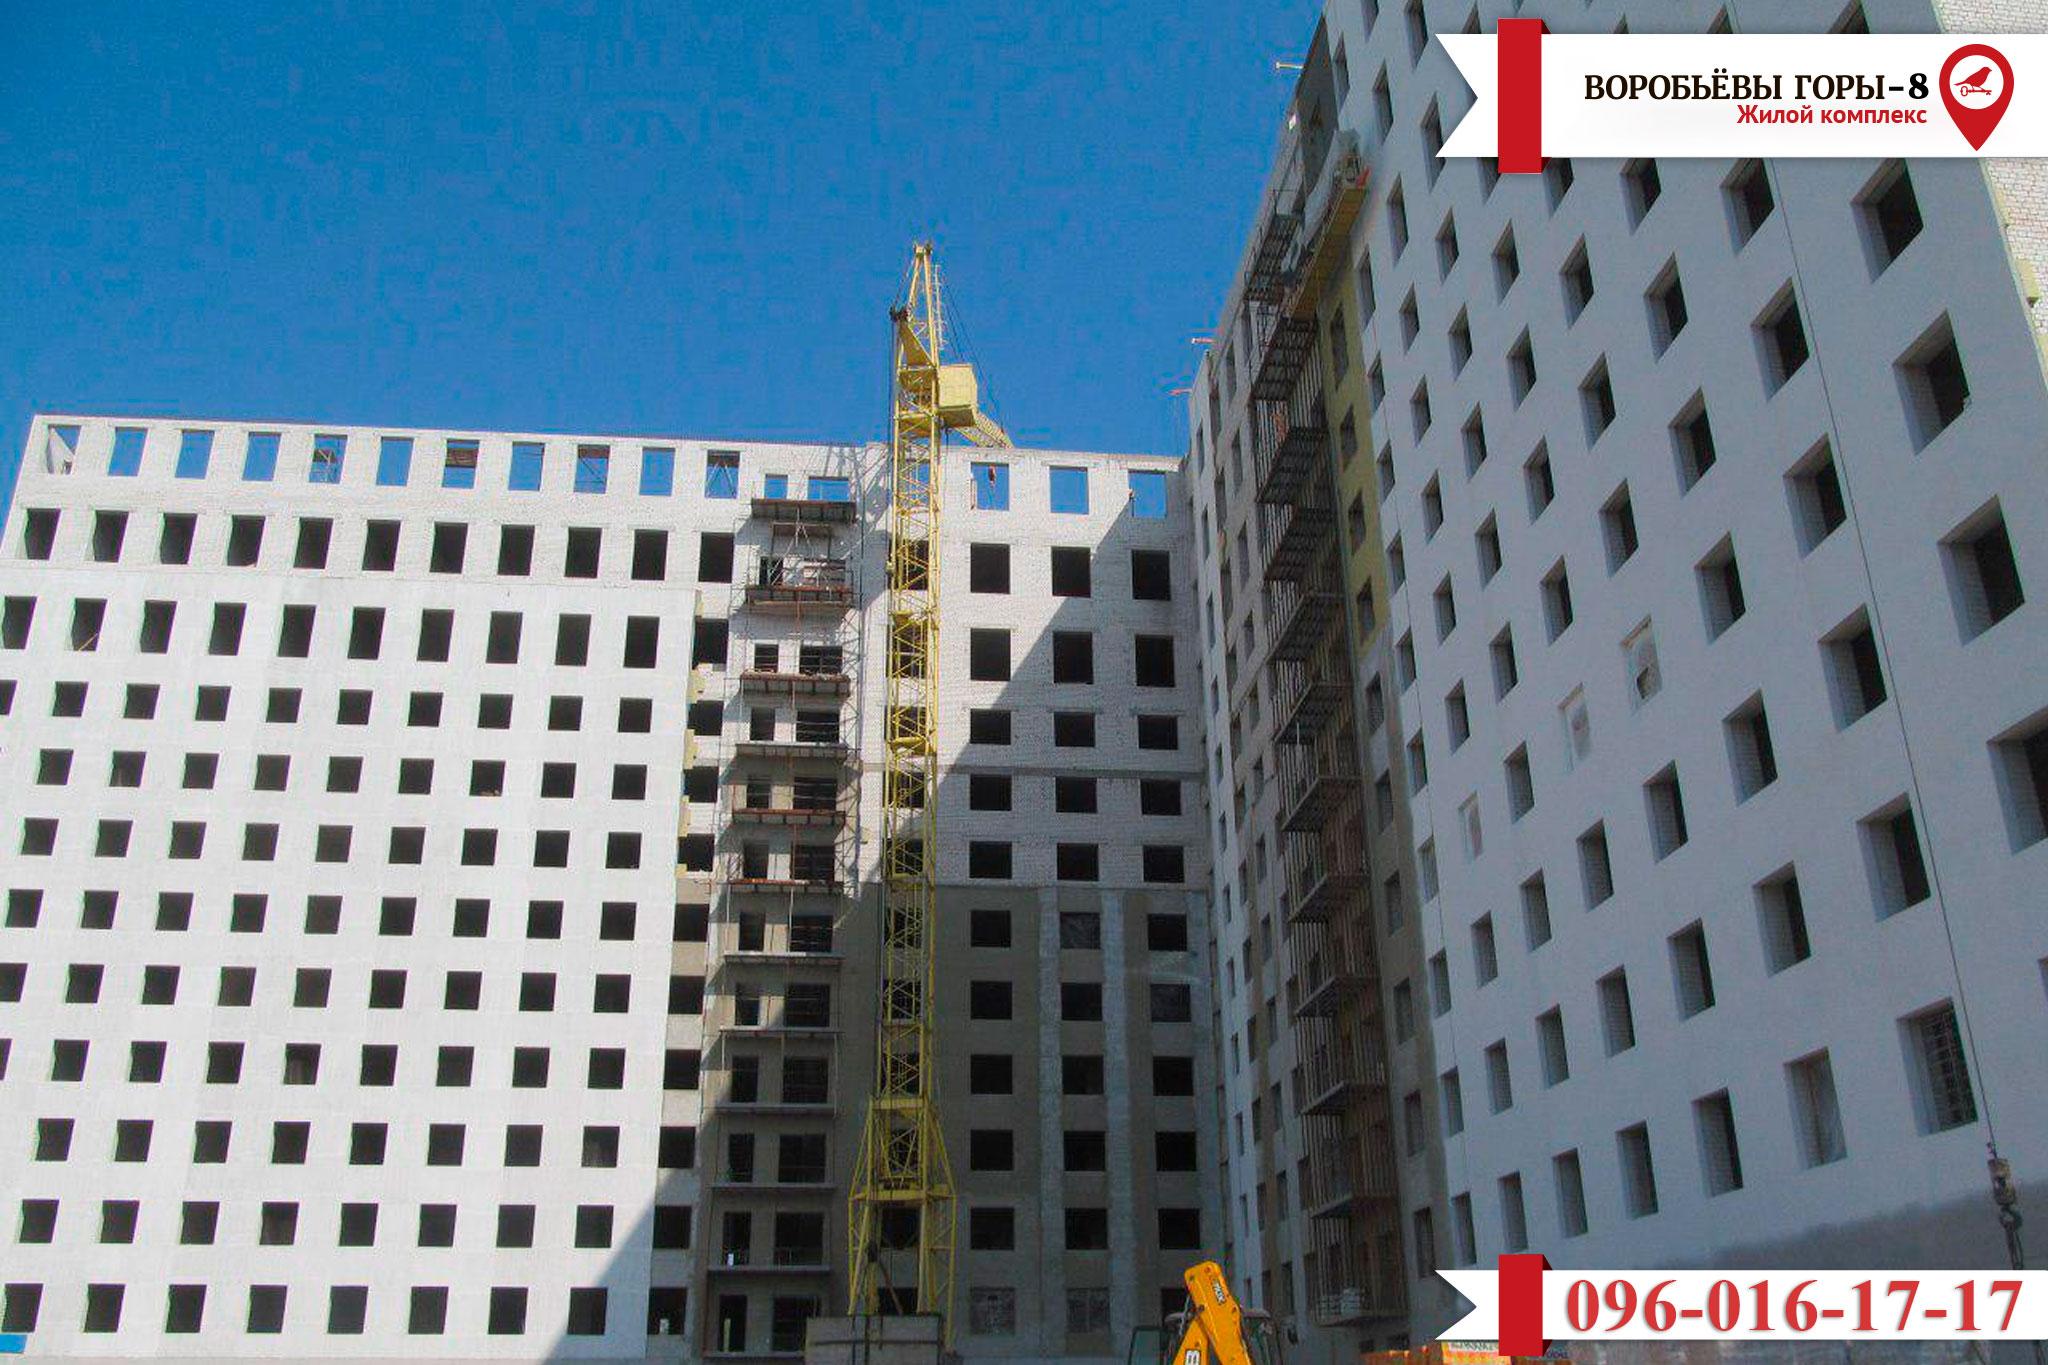 Есть новые сведения о текущем этапе строительства ЖК «Воробьевы Горы-8»